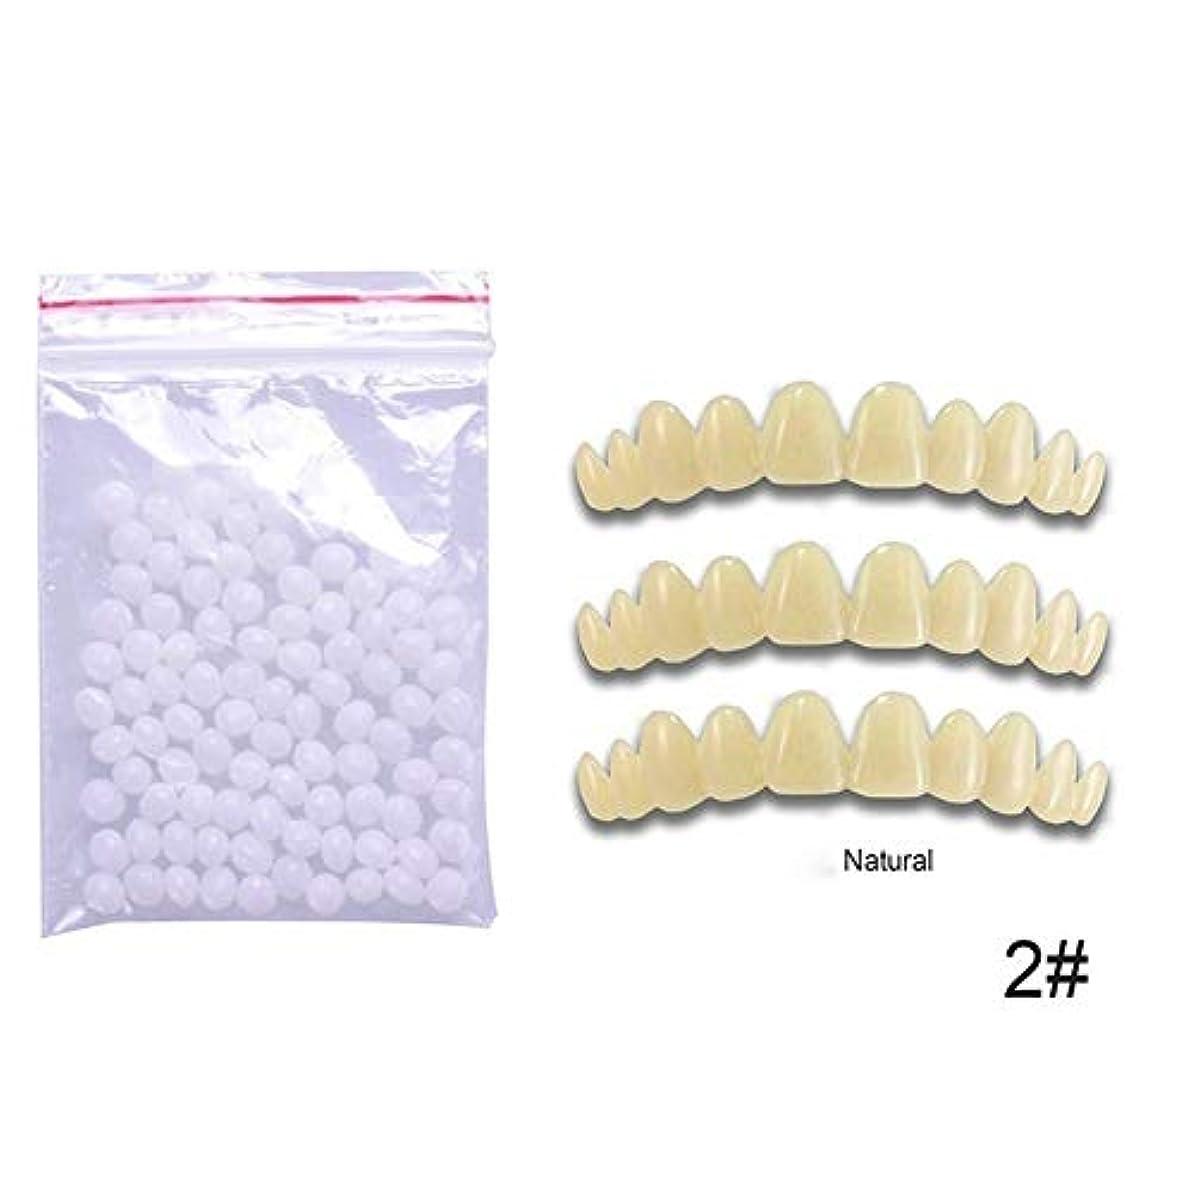 変動するビヨンビジター5一時的な歯の色合い1pcs 切断可能な義歯セット含まれています1バッグビーズ交換のためのパーフェクトスマイルナチュラルホワイトダーク,Natural5PCS